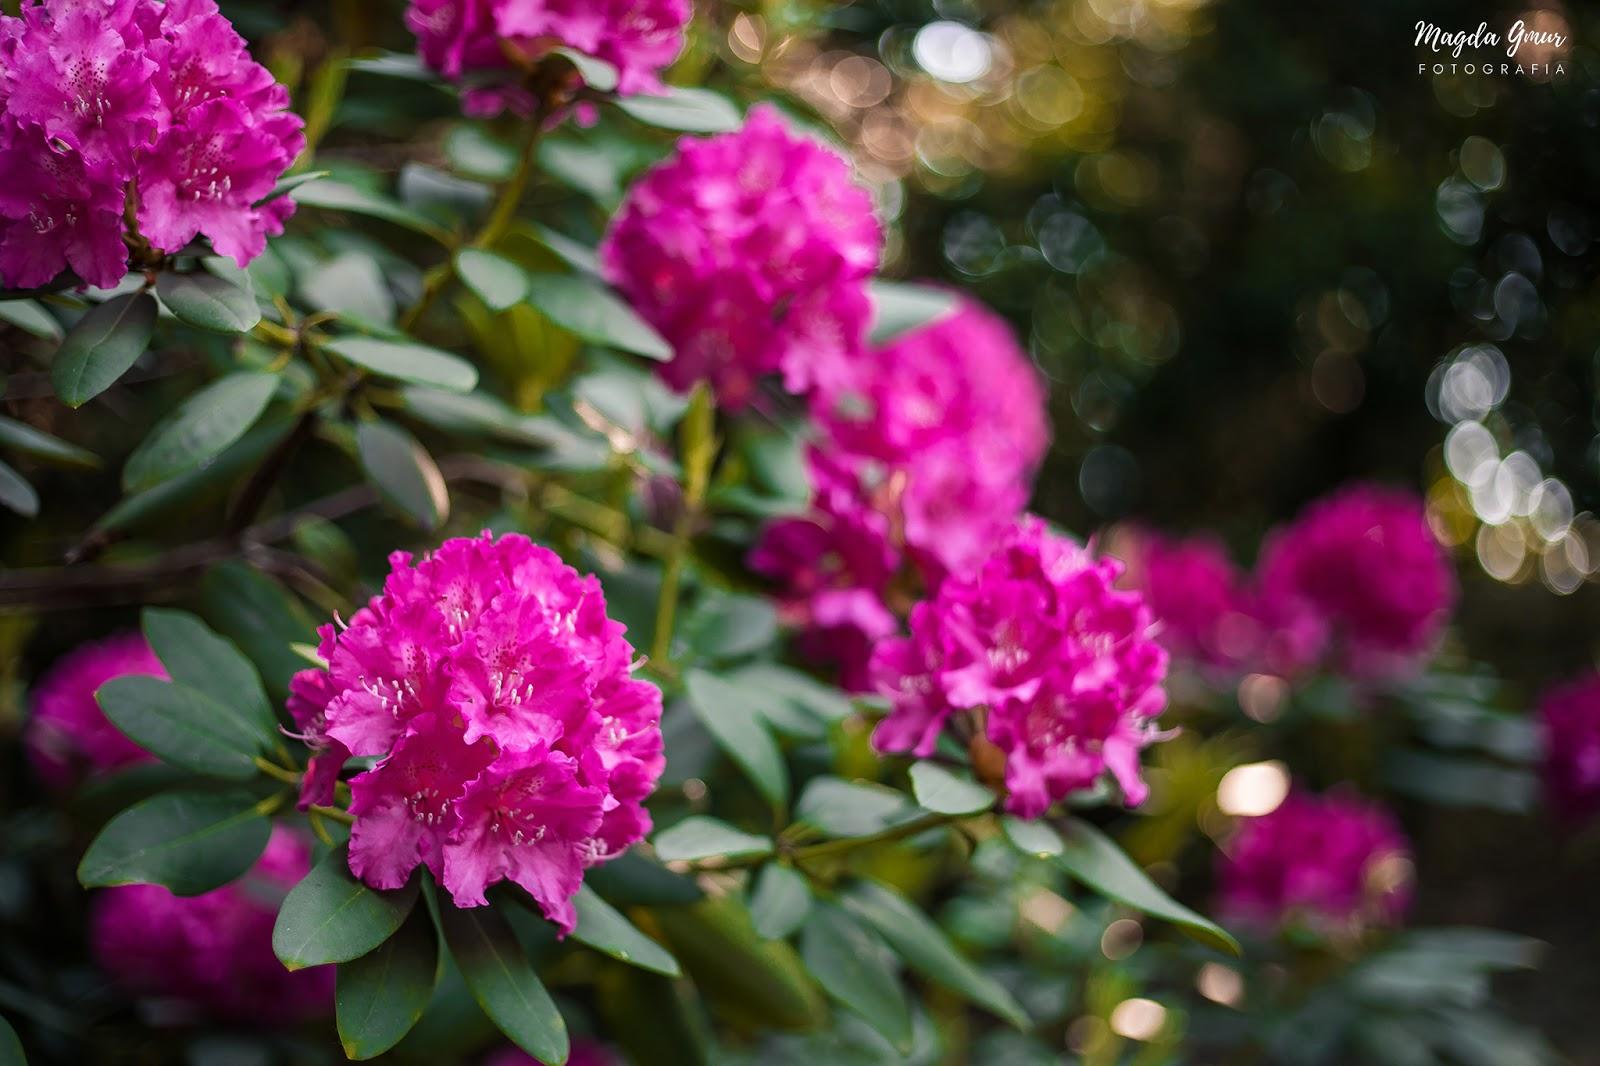 rododentron, ogród botaniczny, magda gmur fotografia